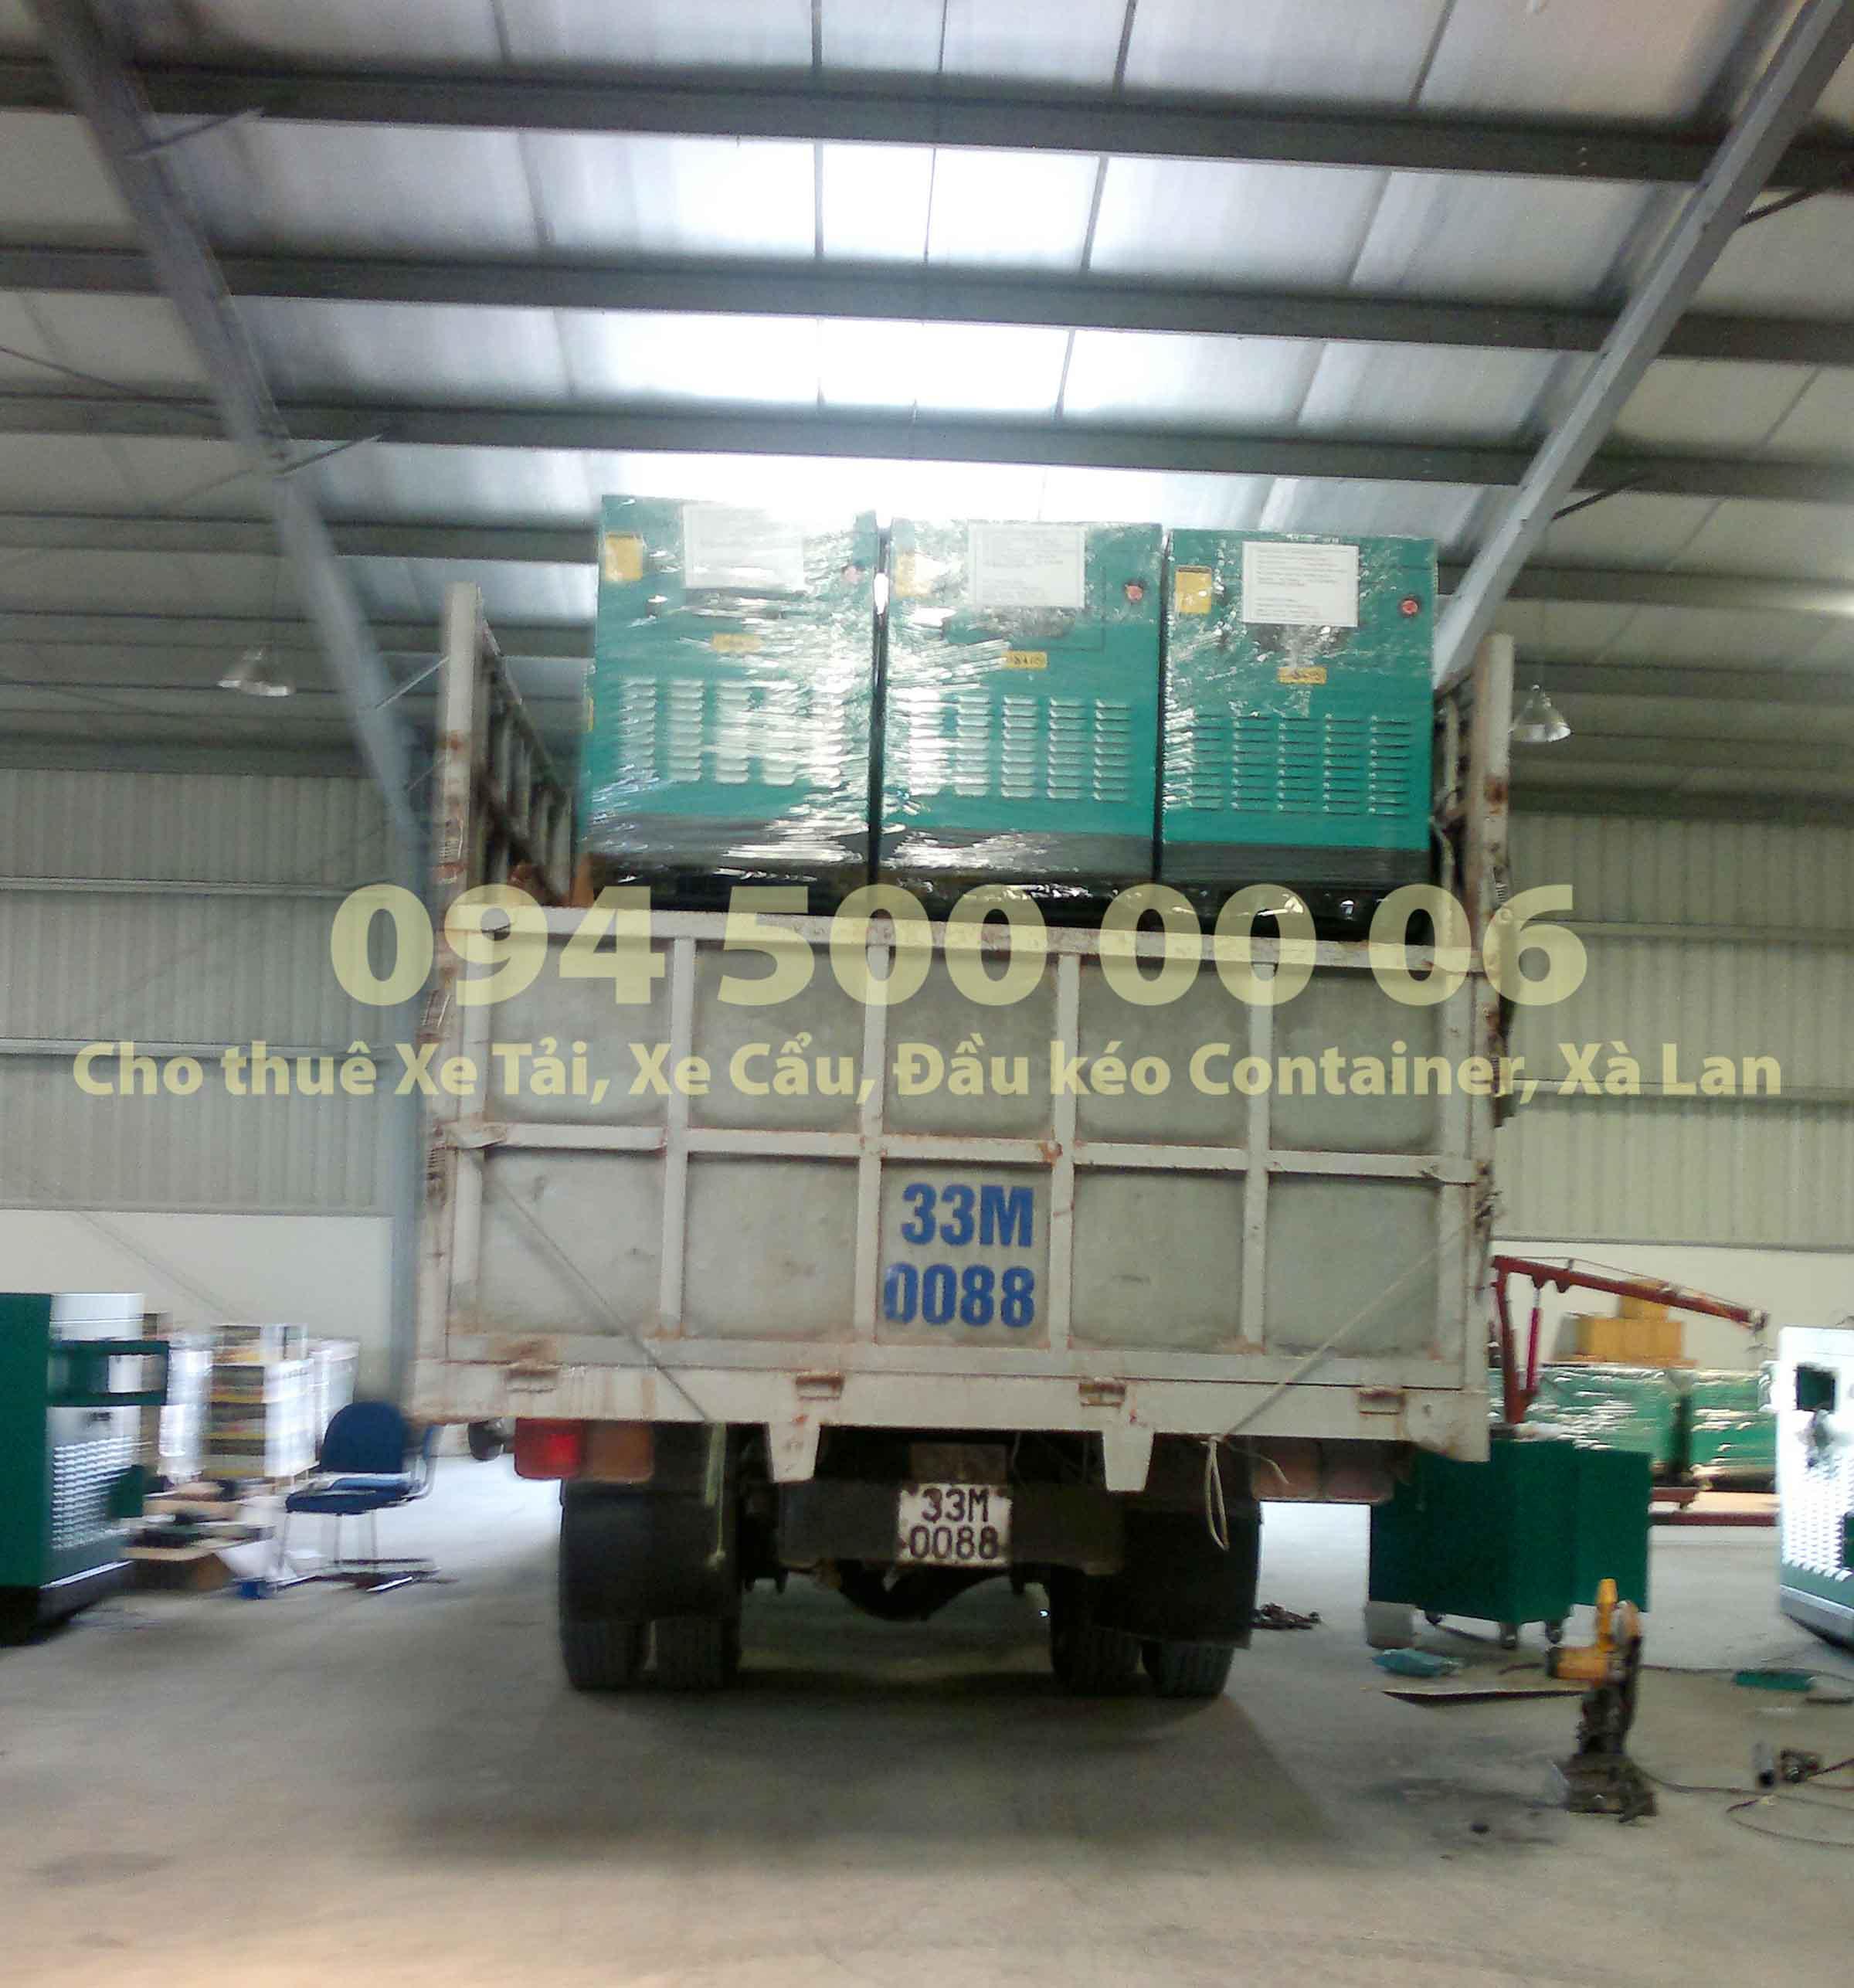 Hình ảnh Cho thuê xe tải đi Phú Quốc bằng Đường bộ tại Chành xe Phú Quốc - Con Rùa Biển